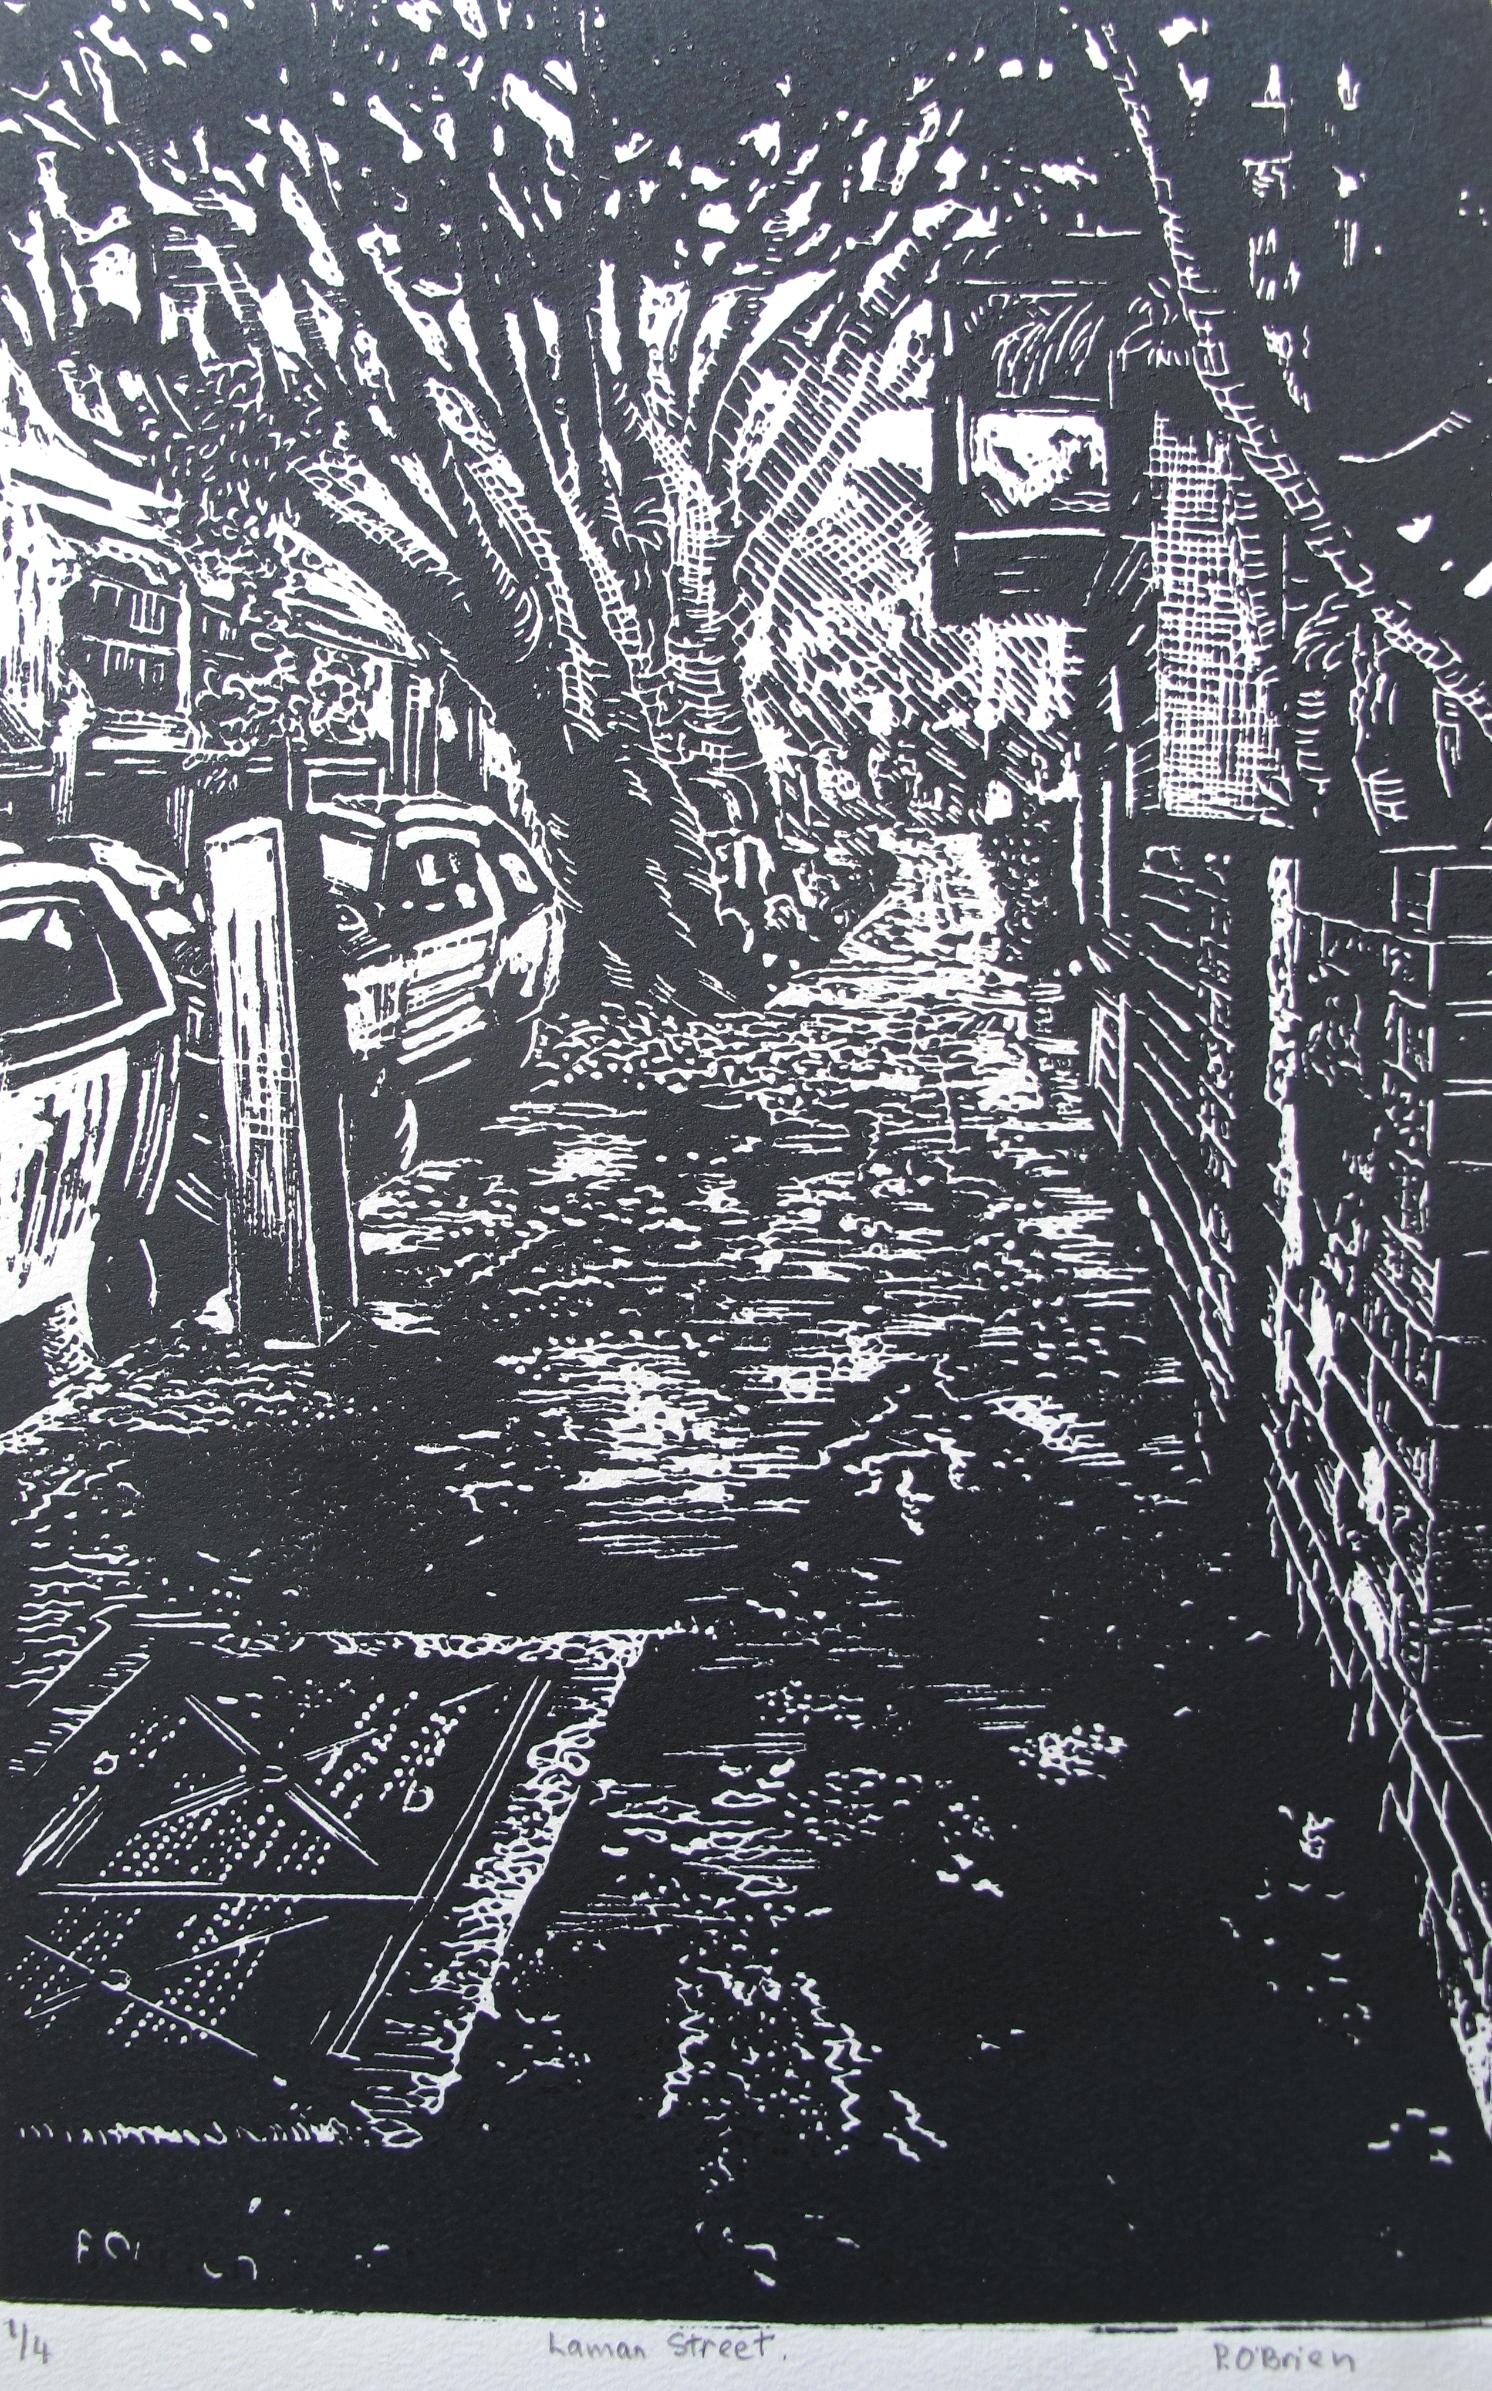 Paul O'Brien - Laman Street.JPG